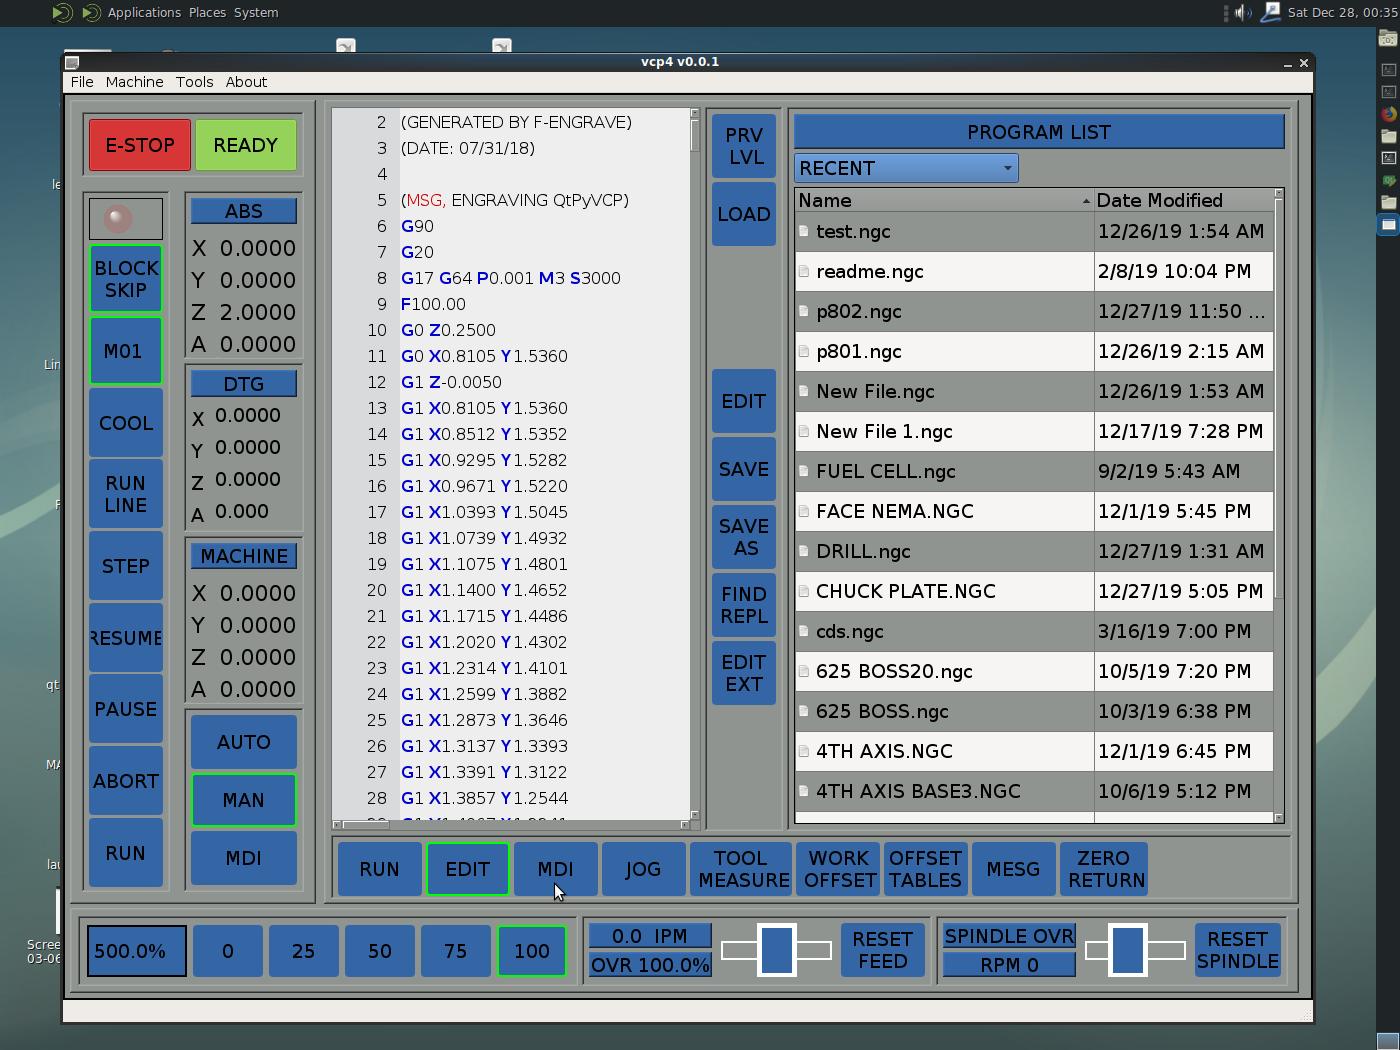 Screenshotat2019-12-2800-35-39.png